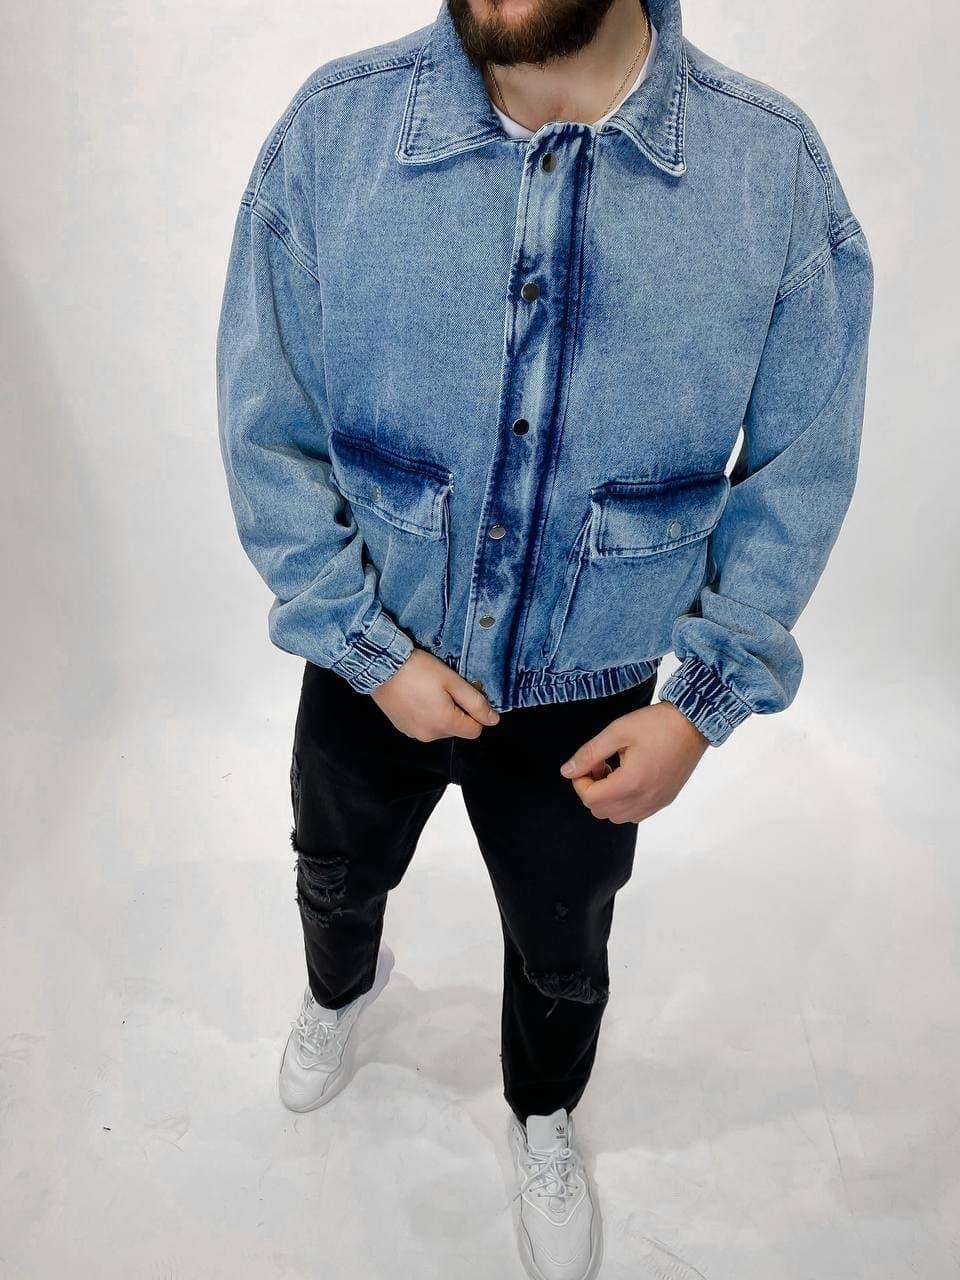 Мужская джинсовка оверсайз голубая